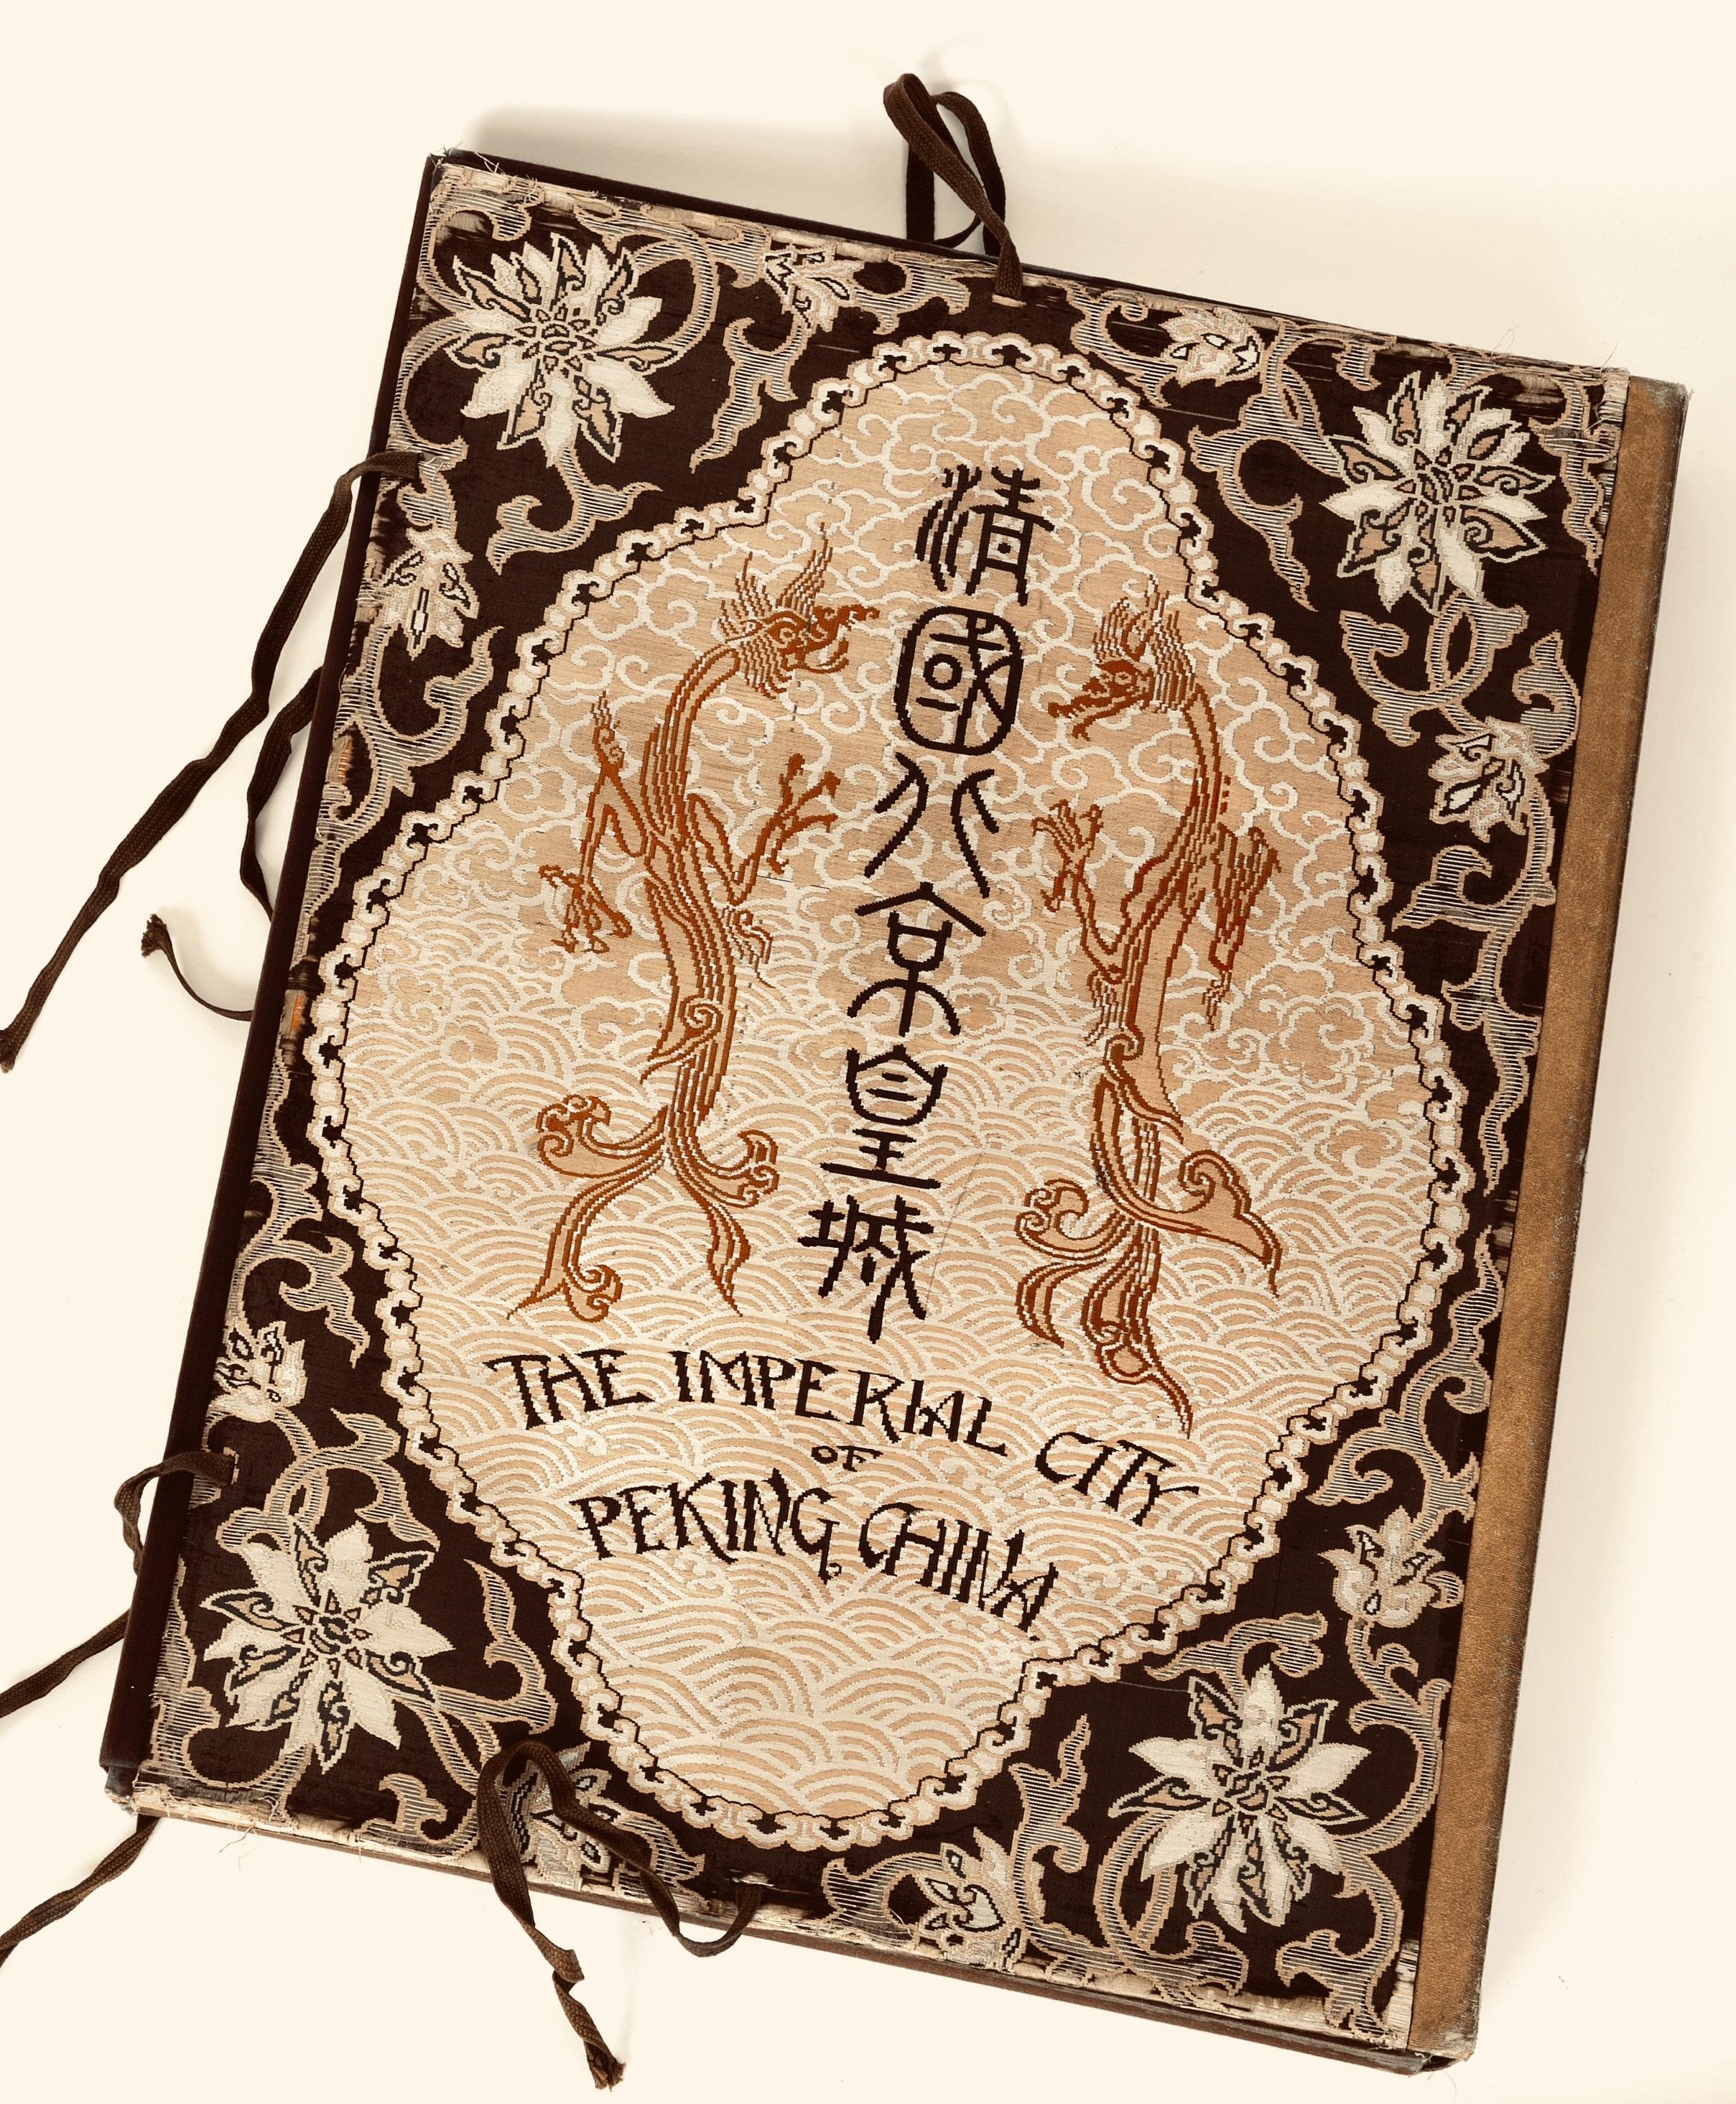 Vente Cartes Postales, Imagerie, Chemin de fer, Chine, Japon, Editions originales, Surréalisme, Gravures, Belgicana chez Morel de Westgaver : 536 lots